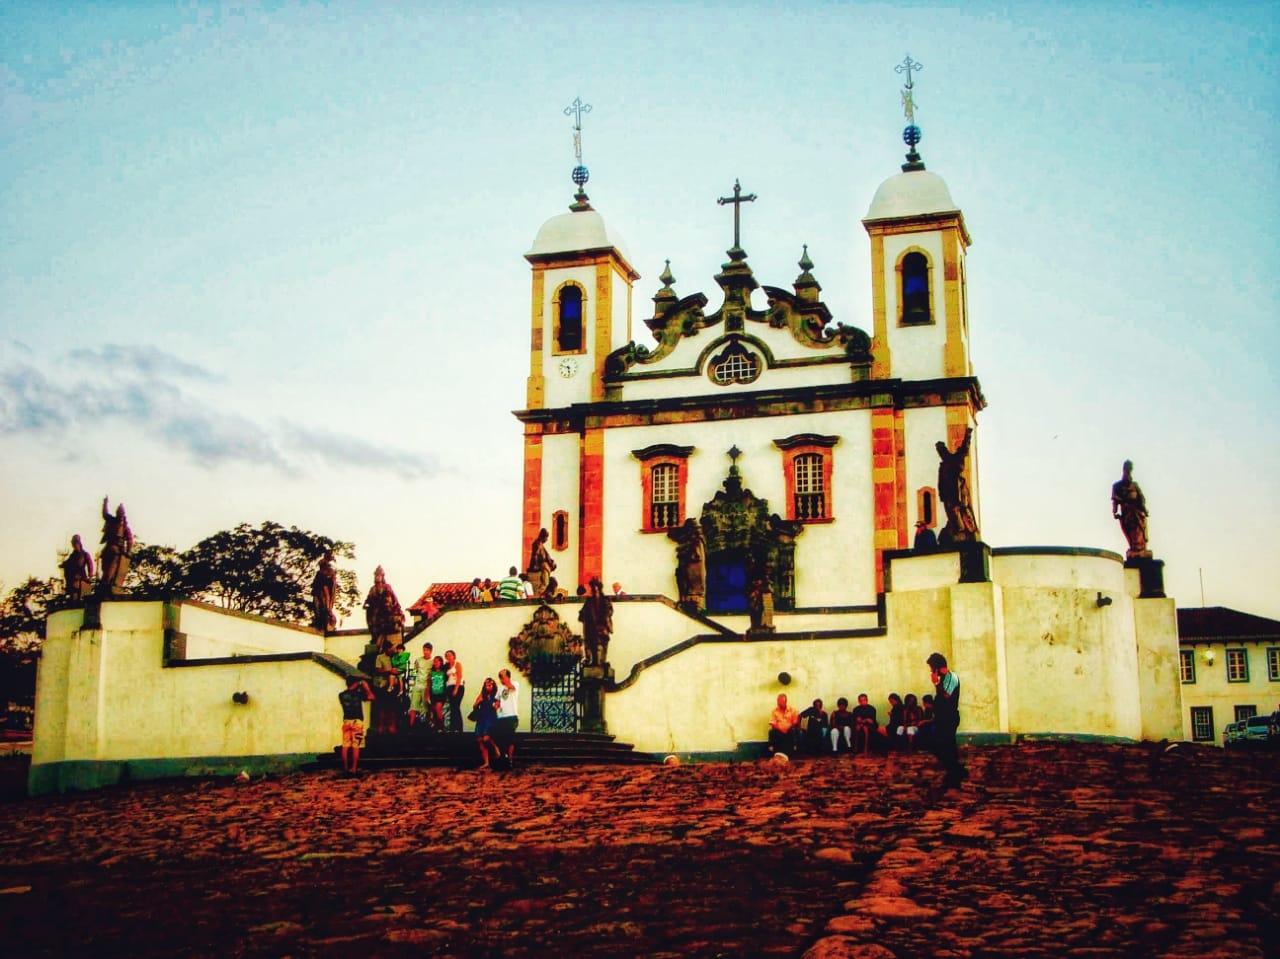 Santuário do Senhor Bom Jesus do Matosinhos